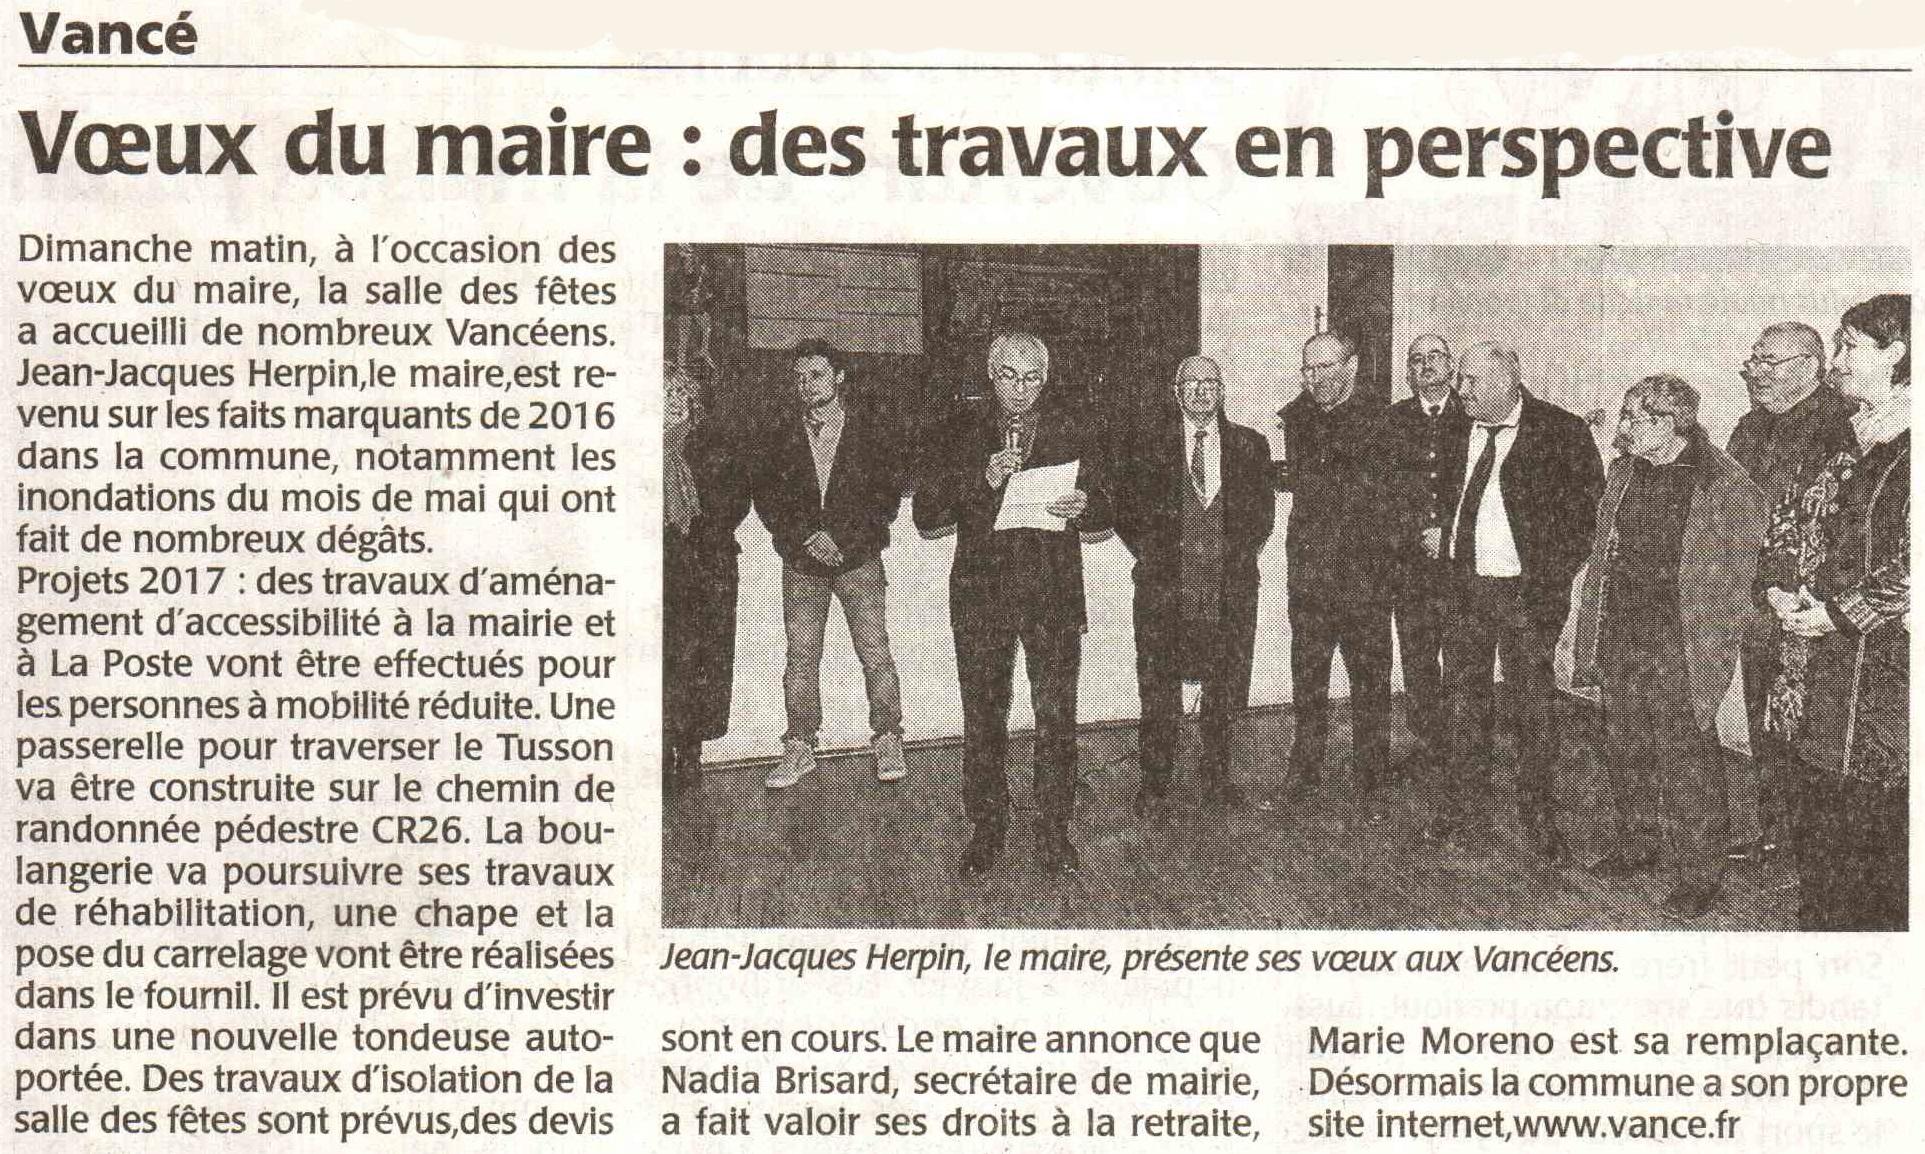 voeux-du-maire-le-maine-libre-2